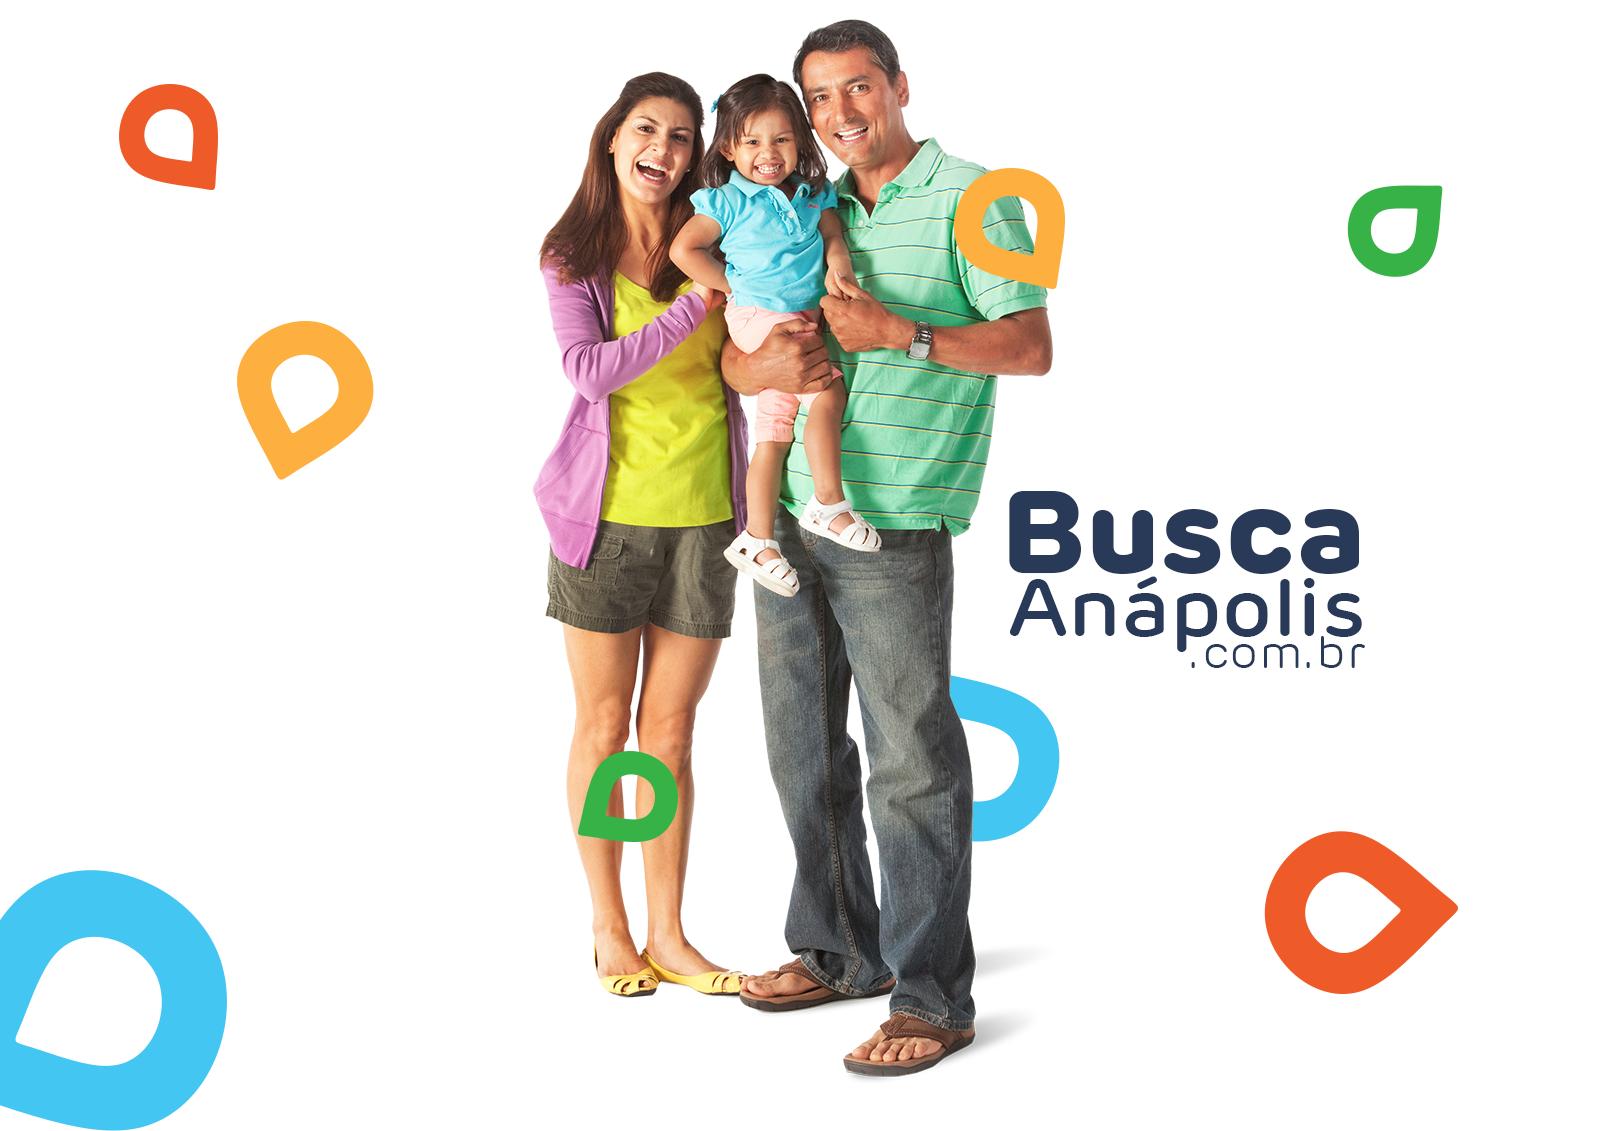 BuscaAnapolis-7